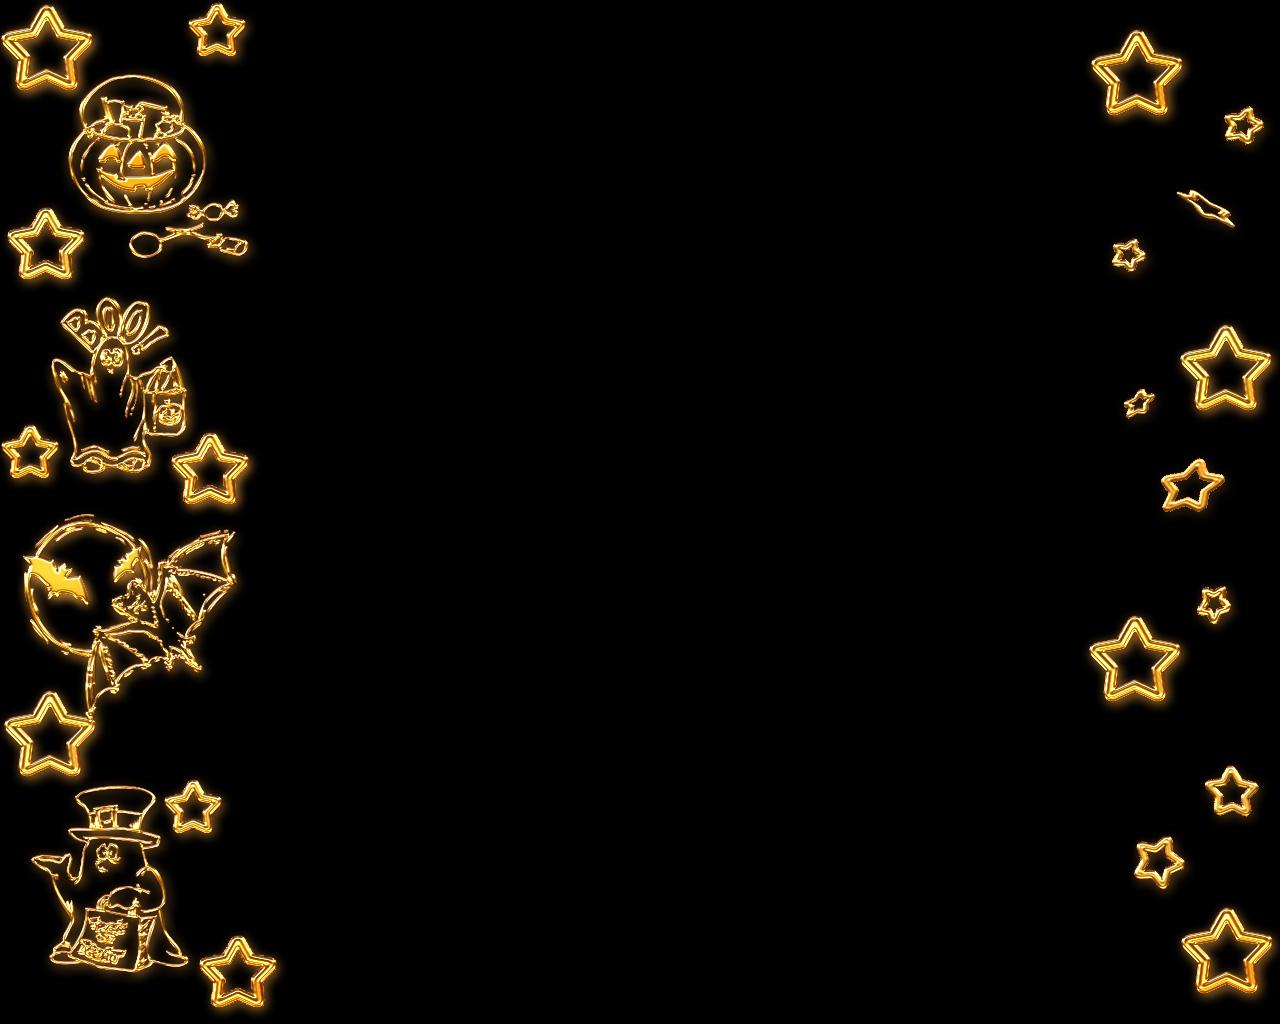 ハロウィンの壁紙 茉莉花のお部屋